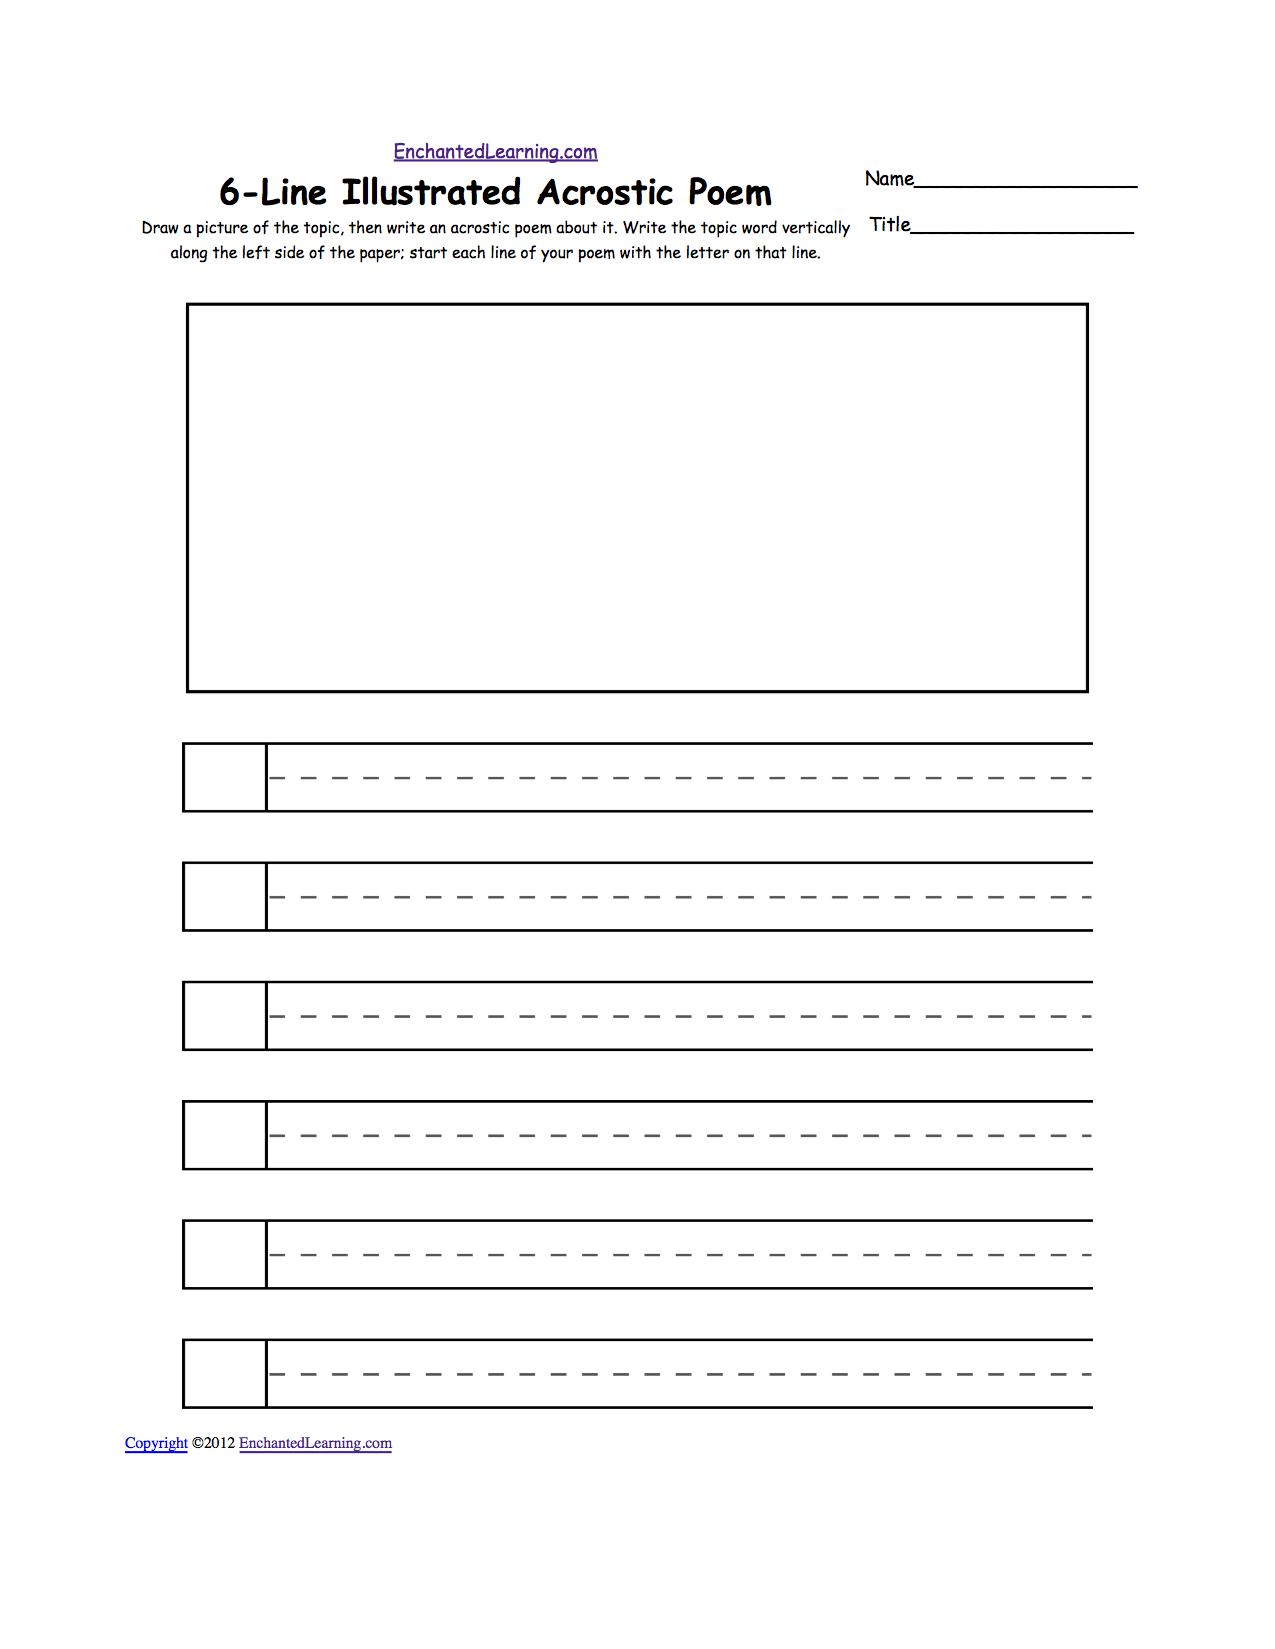 Blank Illustrated Acrostic Poem Worksheets (Handwriting ...